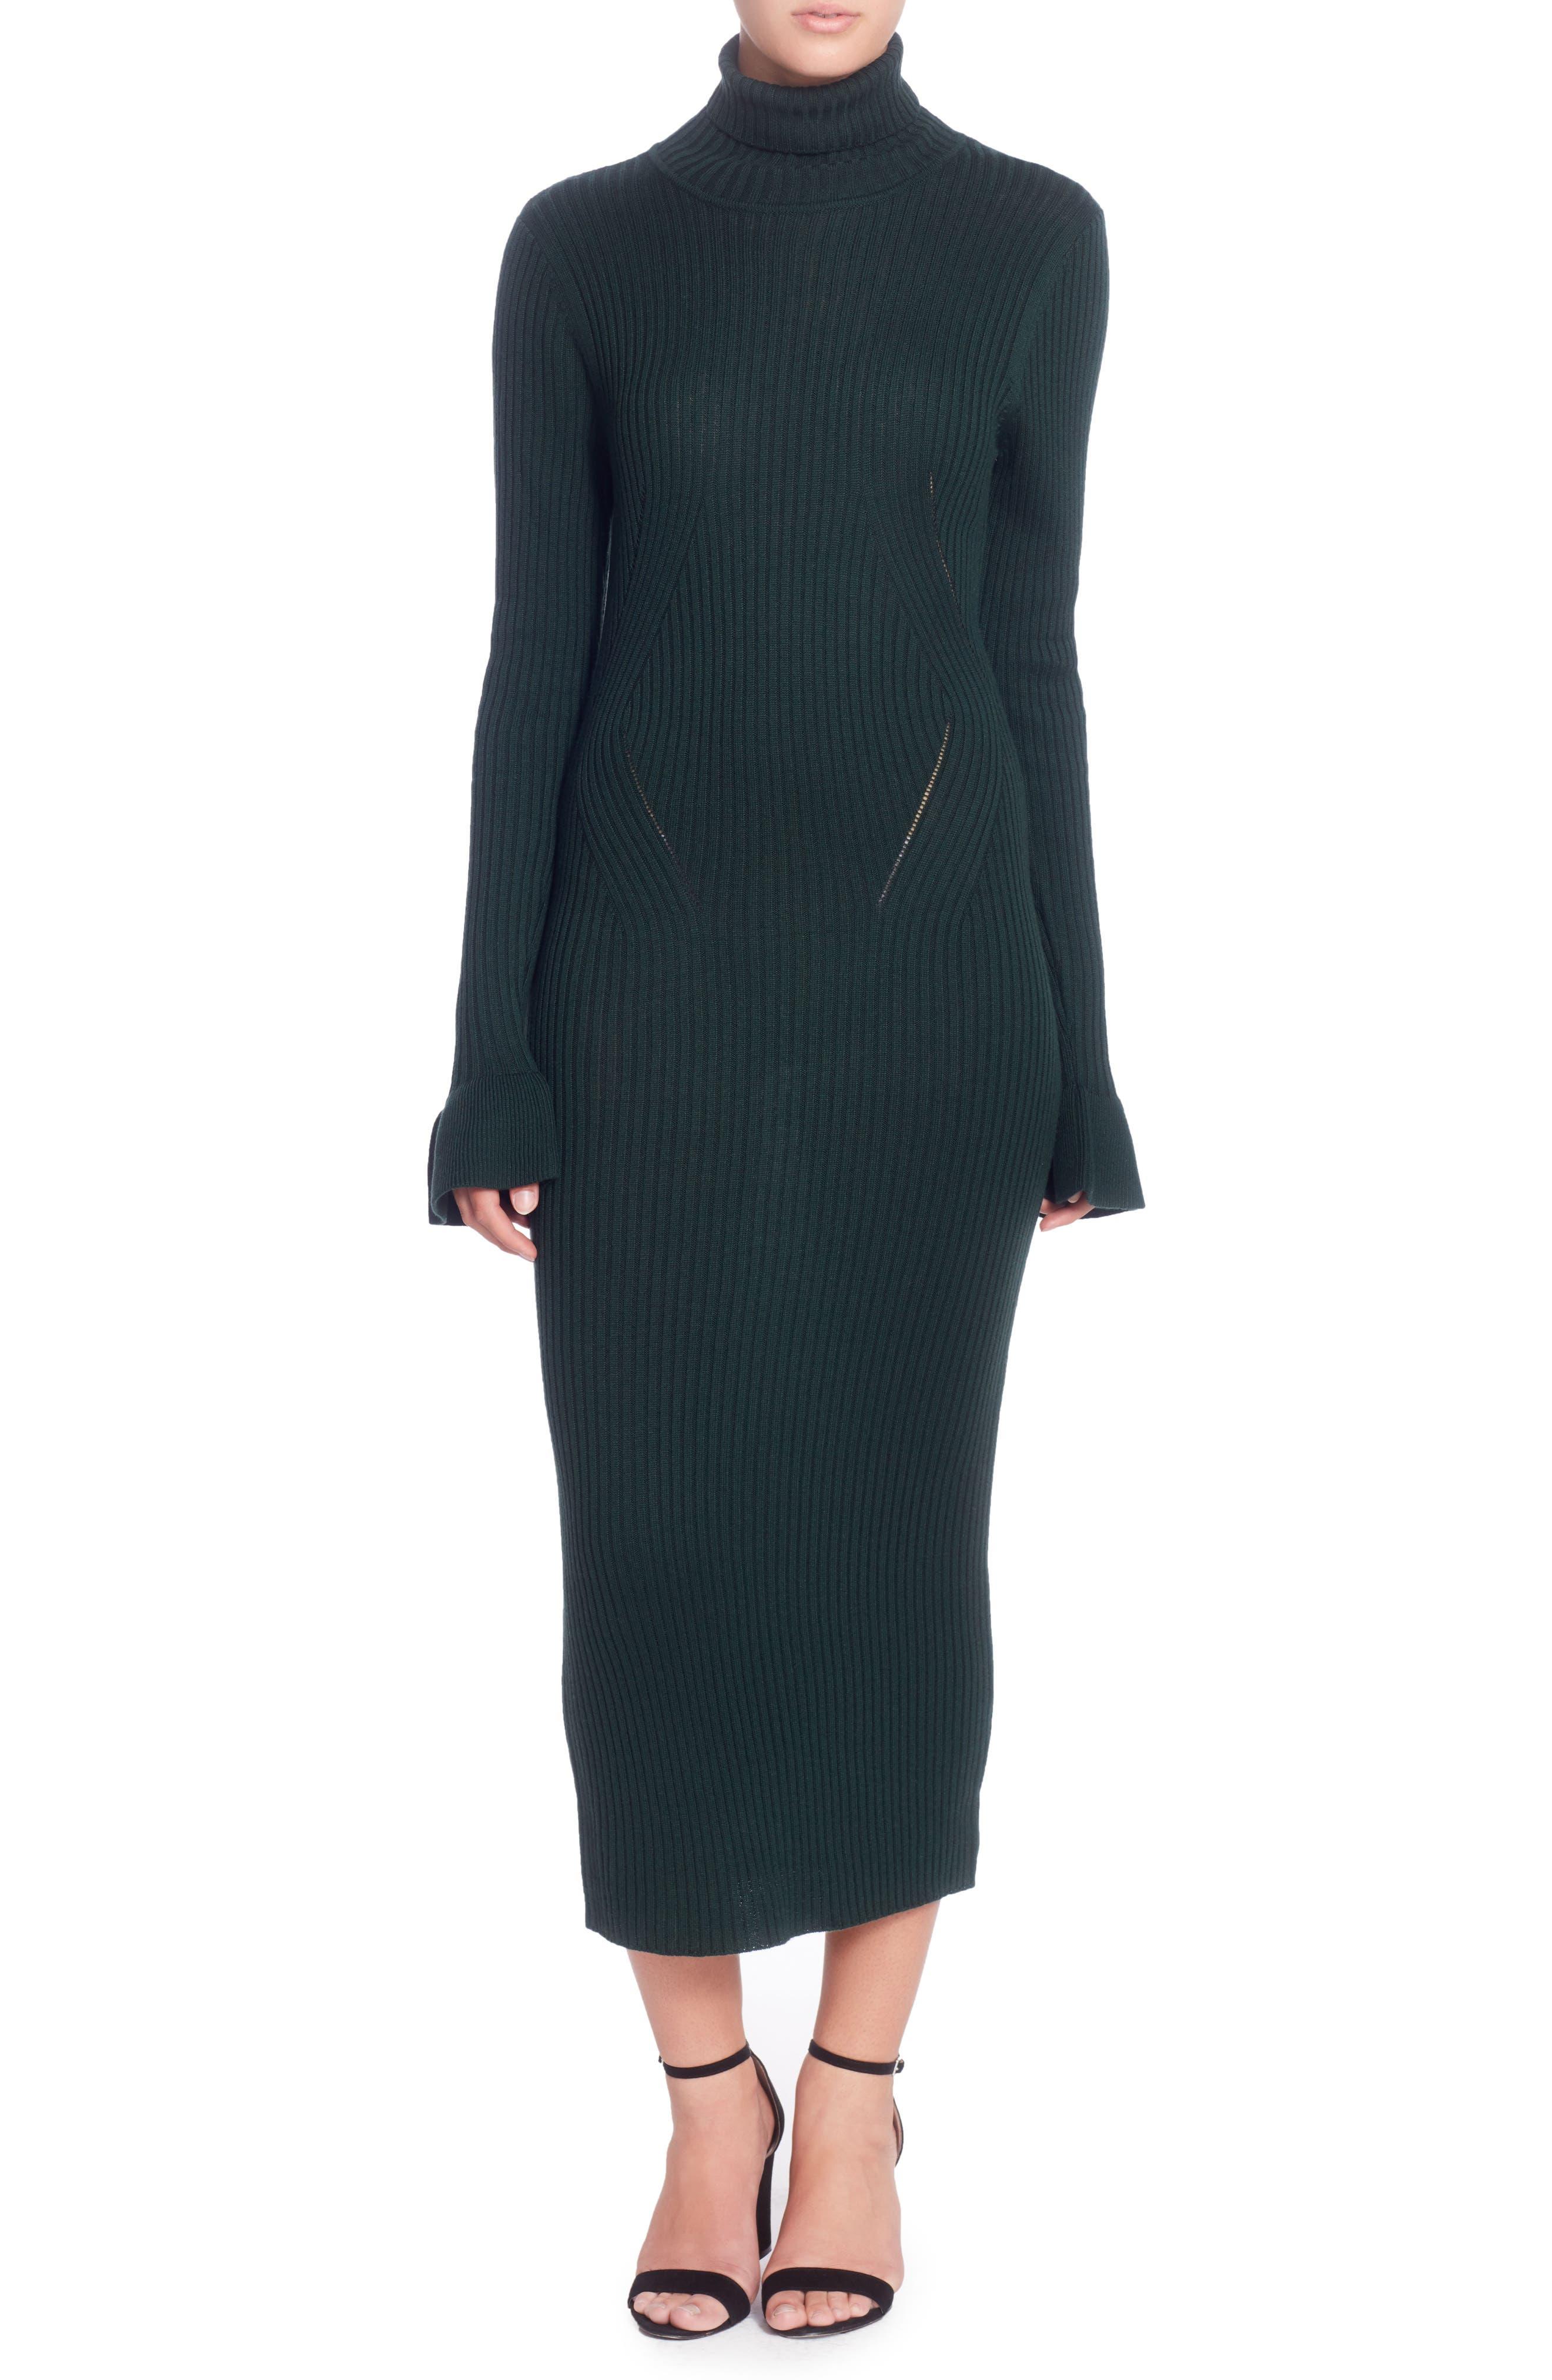 Main Image - Catherine Catherine Malandrino Camron Turtleneck Midi Dress